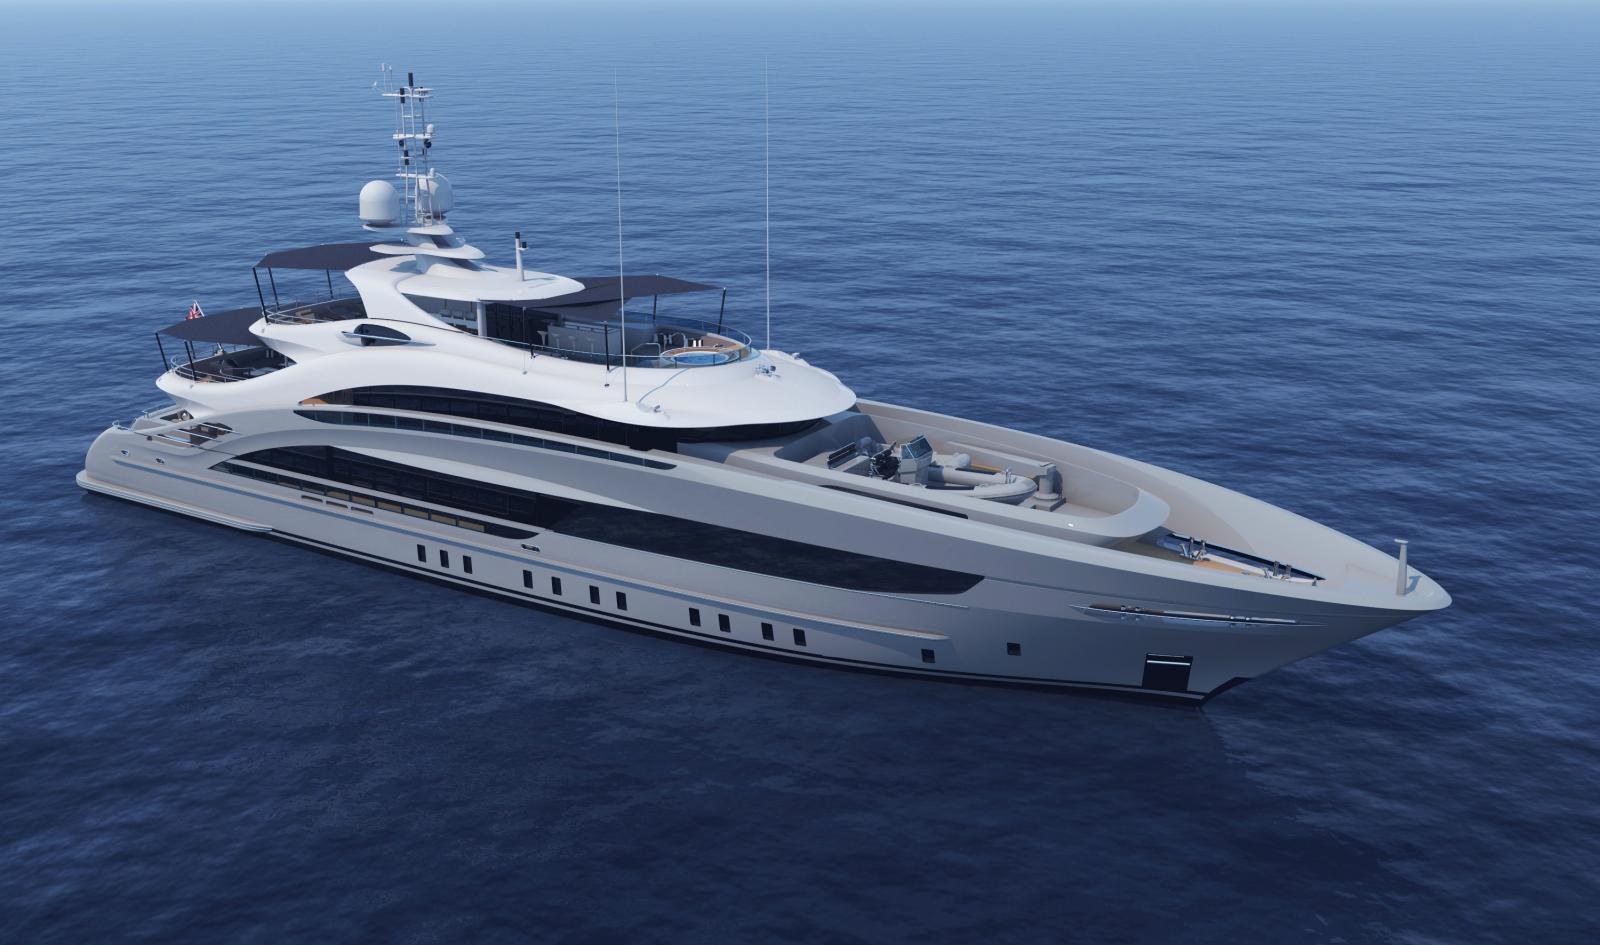 Heesen Yacht - Omaha Superyacht